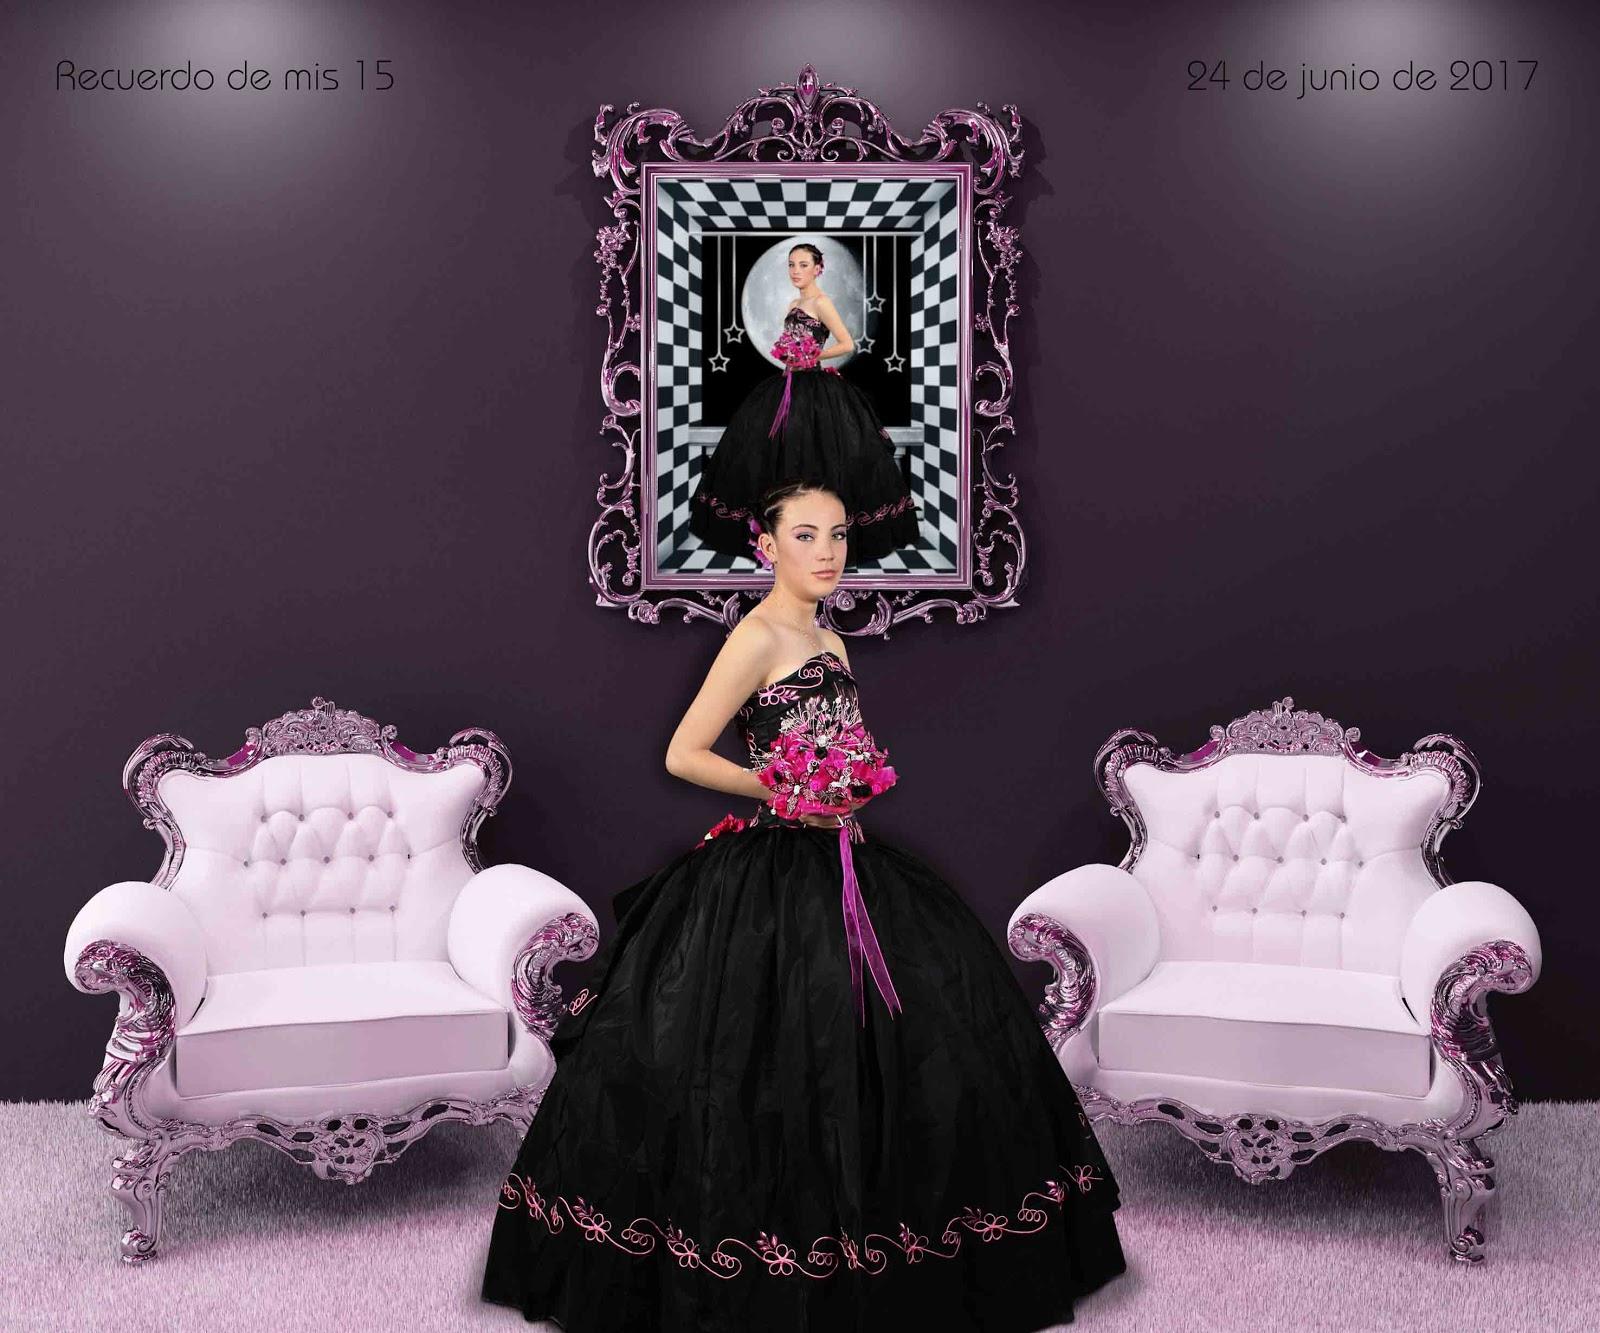 Plantillas para Photoshop.: Fondo de fantasía para quinceañeras